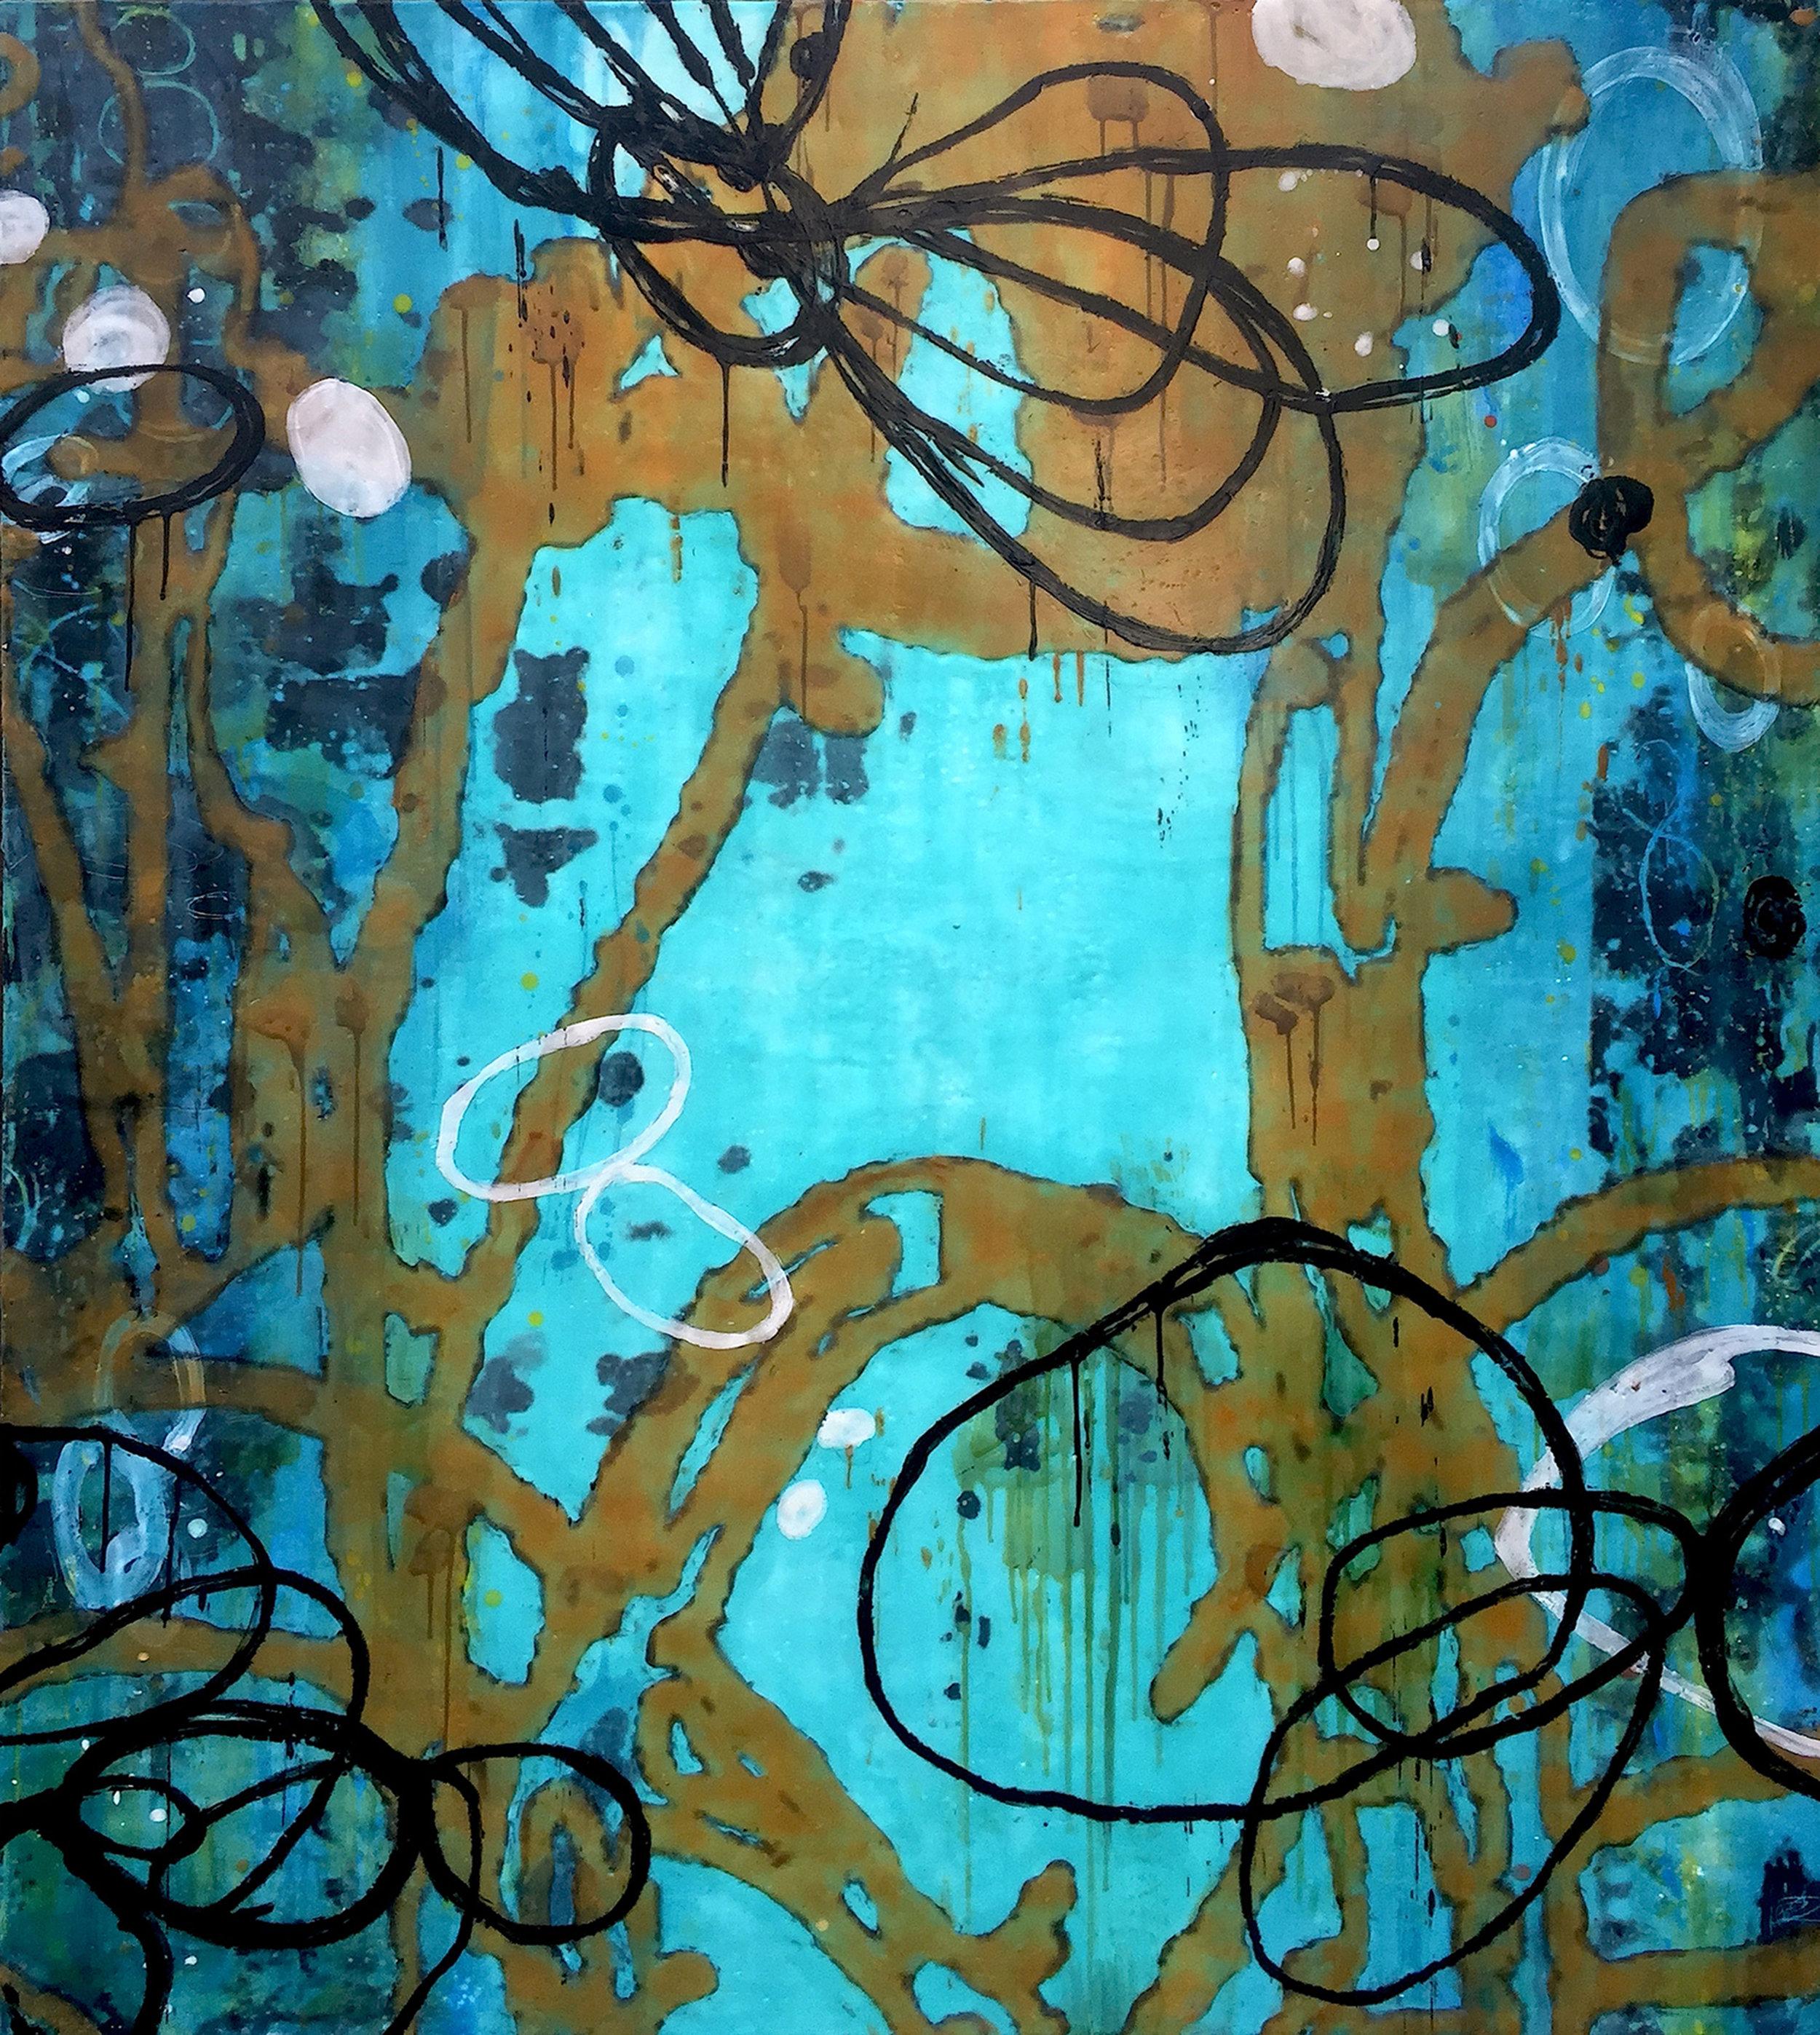 Untitled AA123 54x48 encaustic on panel